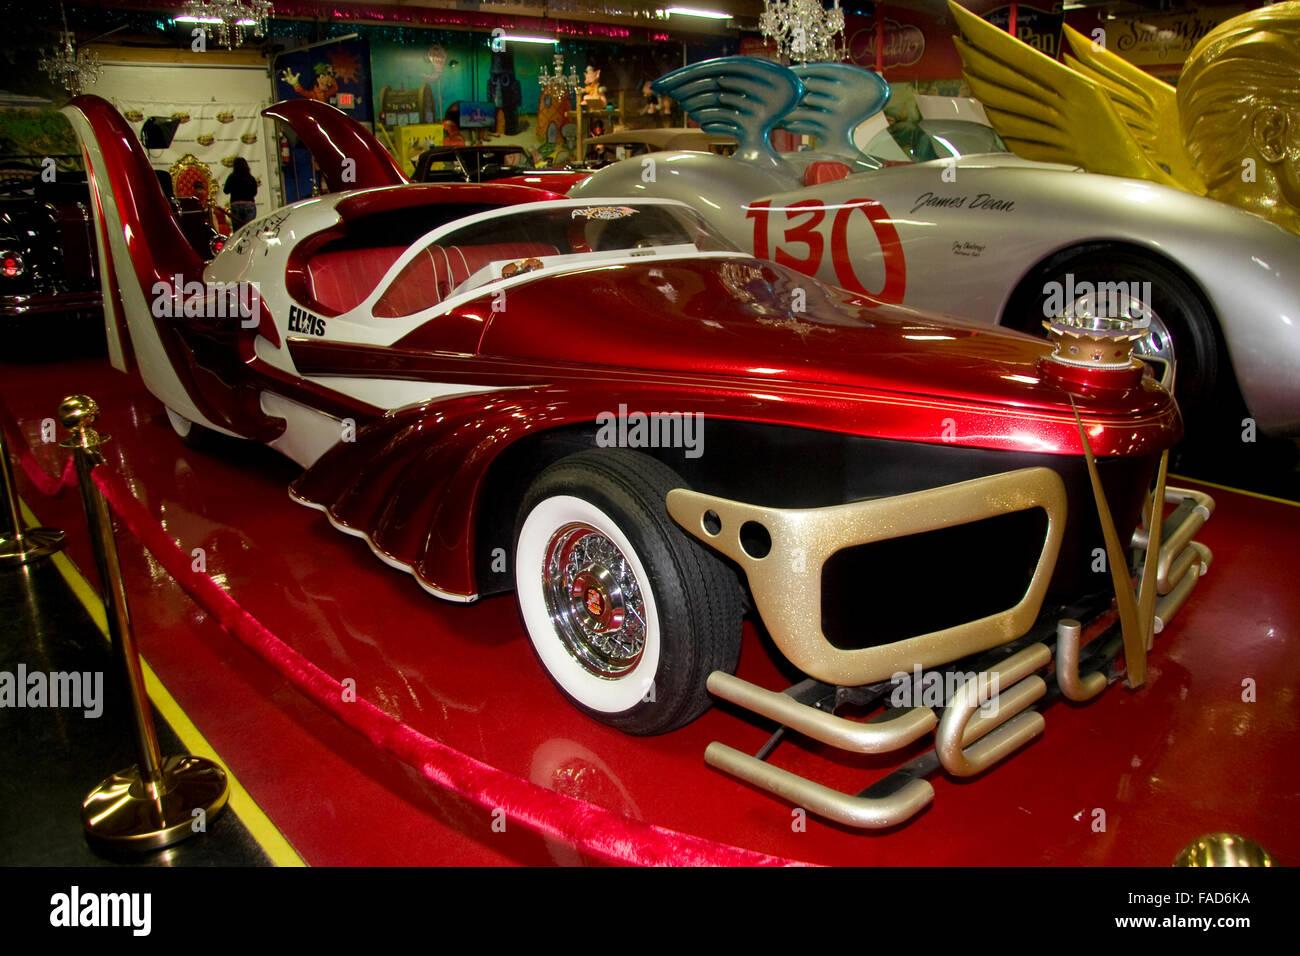 Volo Auto Museum. Elvis Presley Car Stock Photo: 92489022 ...